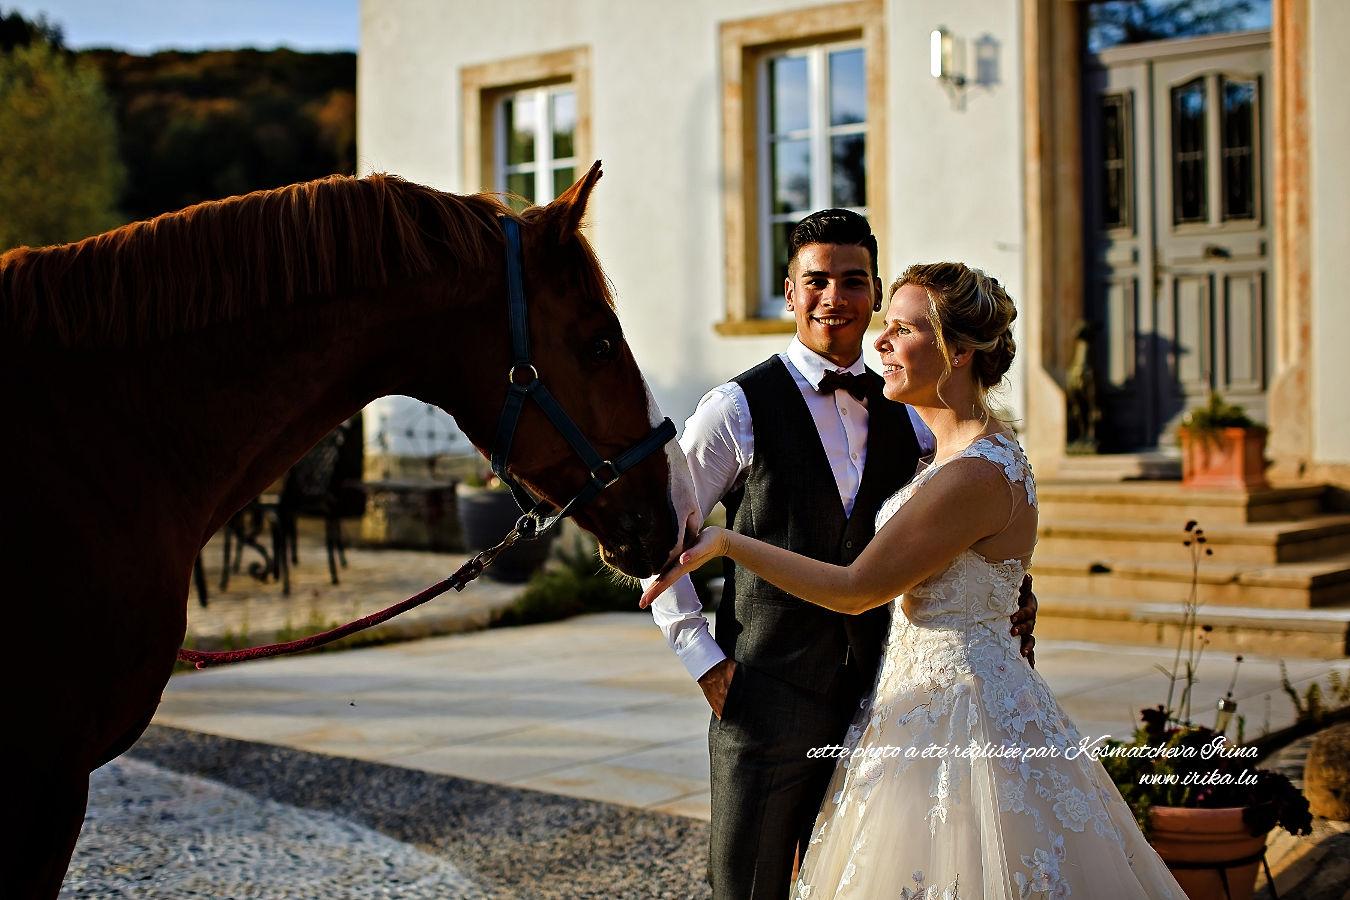 Avec un cheval de race